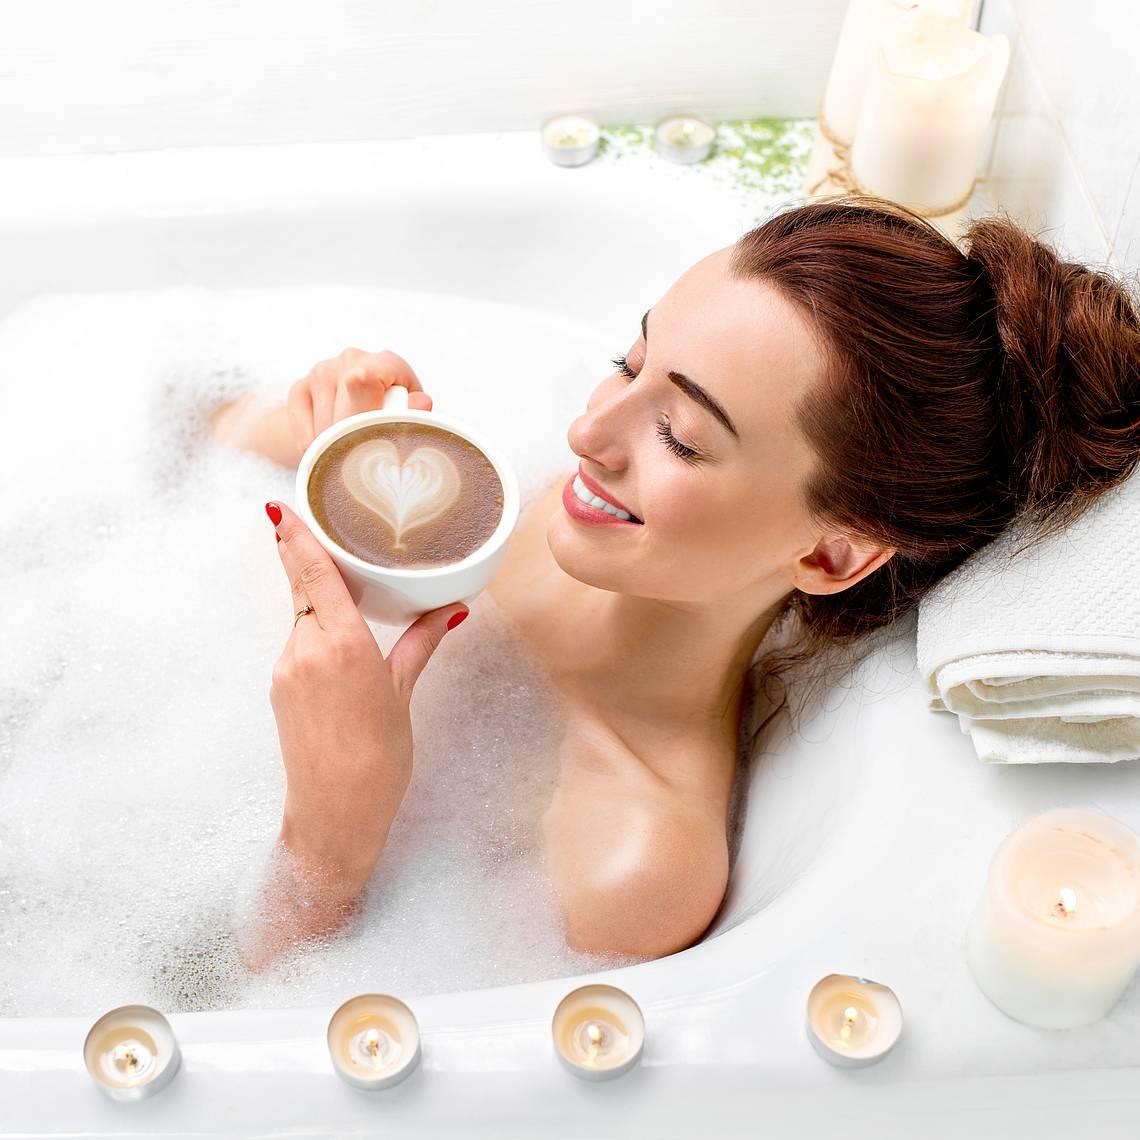 Frau in Badewanne mit Kaffee